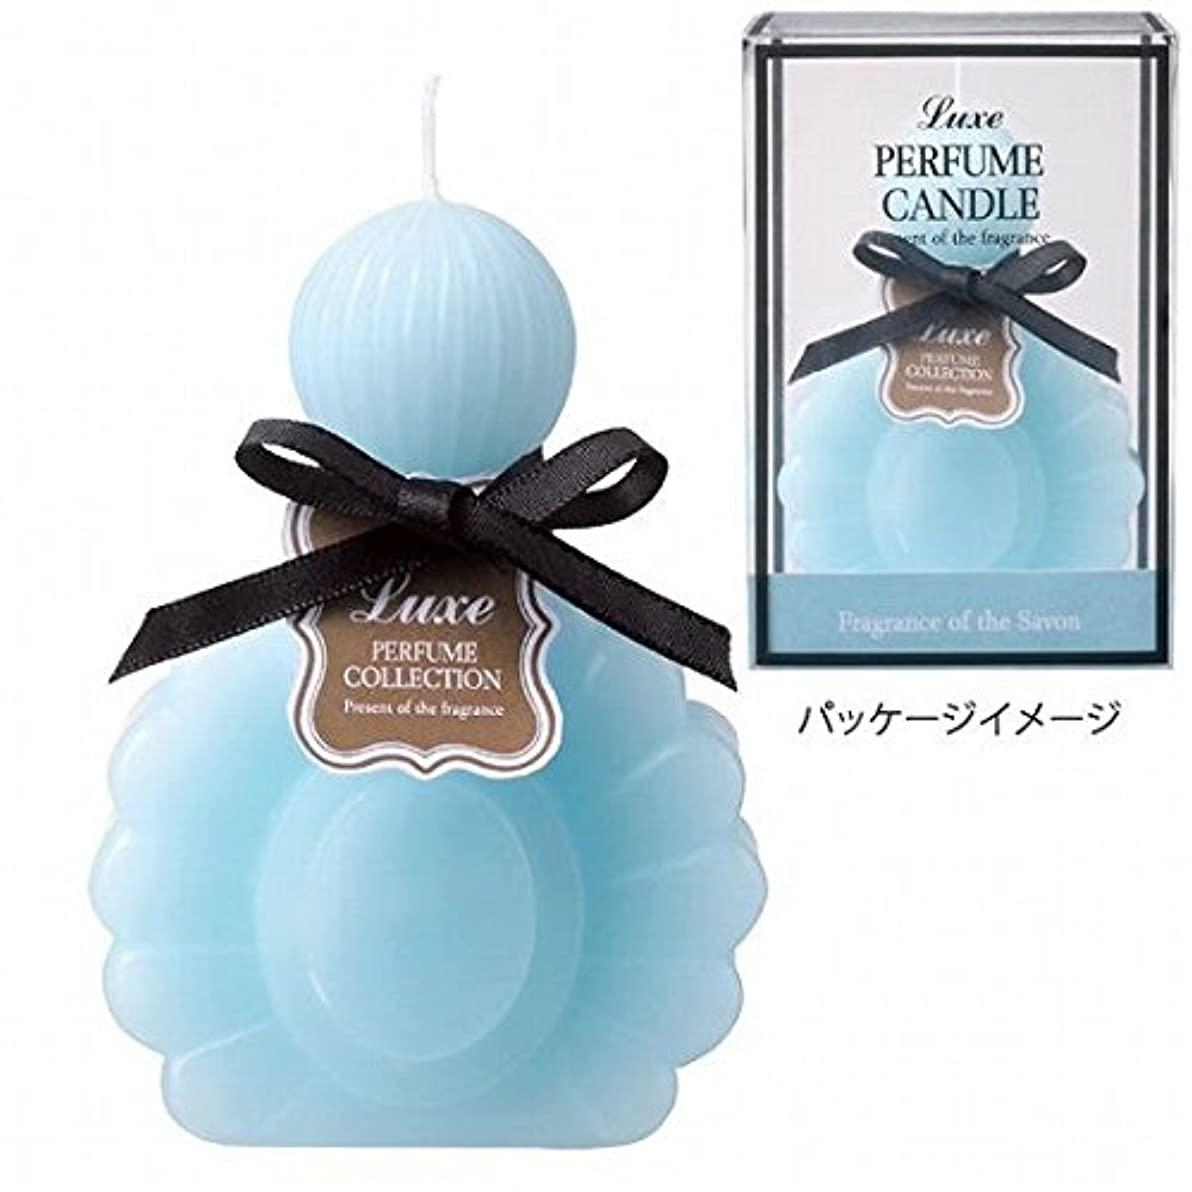 持続するすなわち忌避剤kameyama candle(カメヤマキャンドル) パフュームキャンドル 「 サボン 」(A4550520)